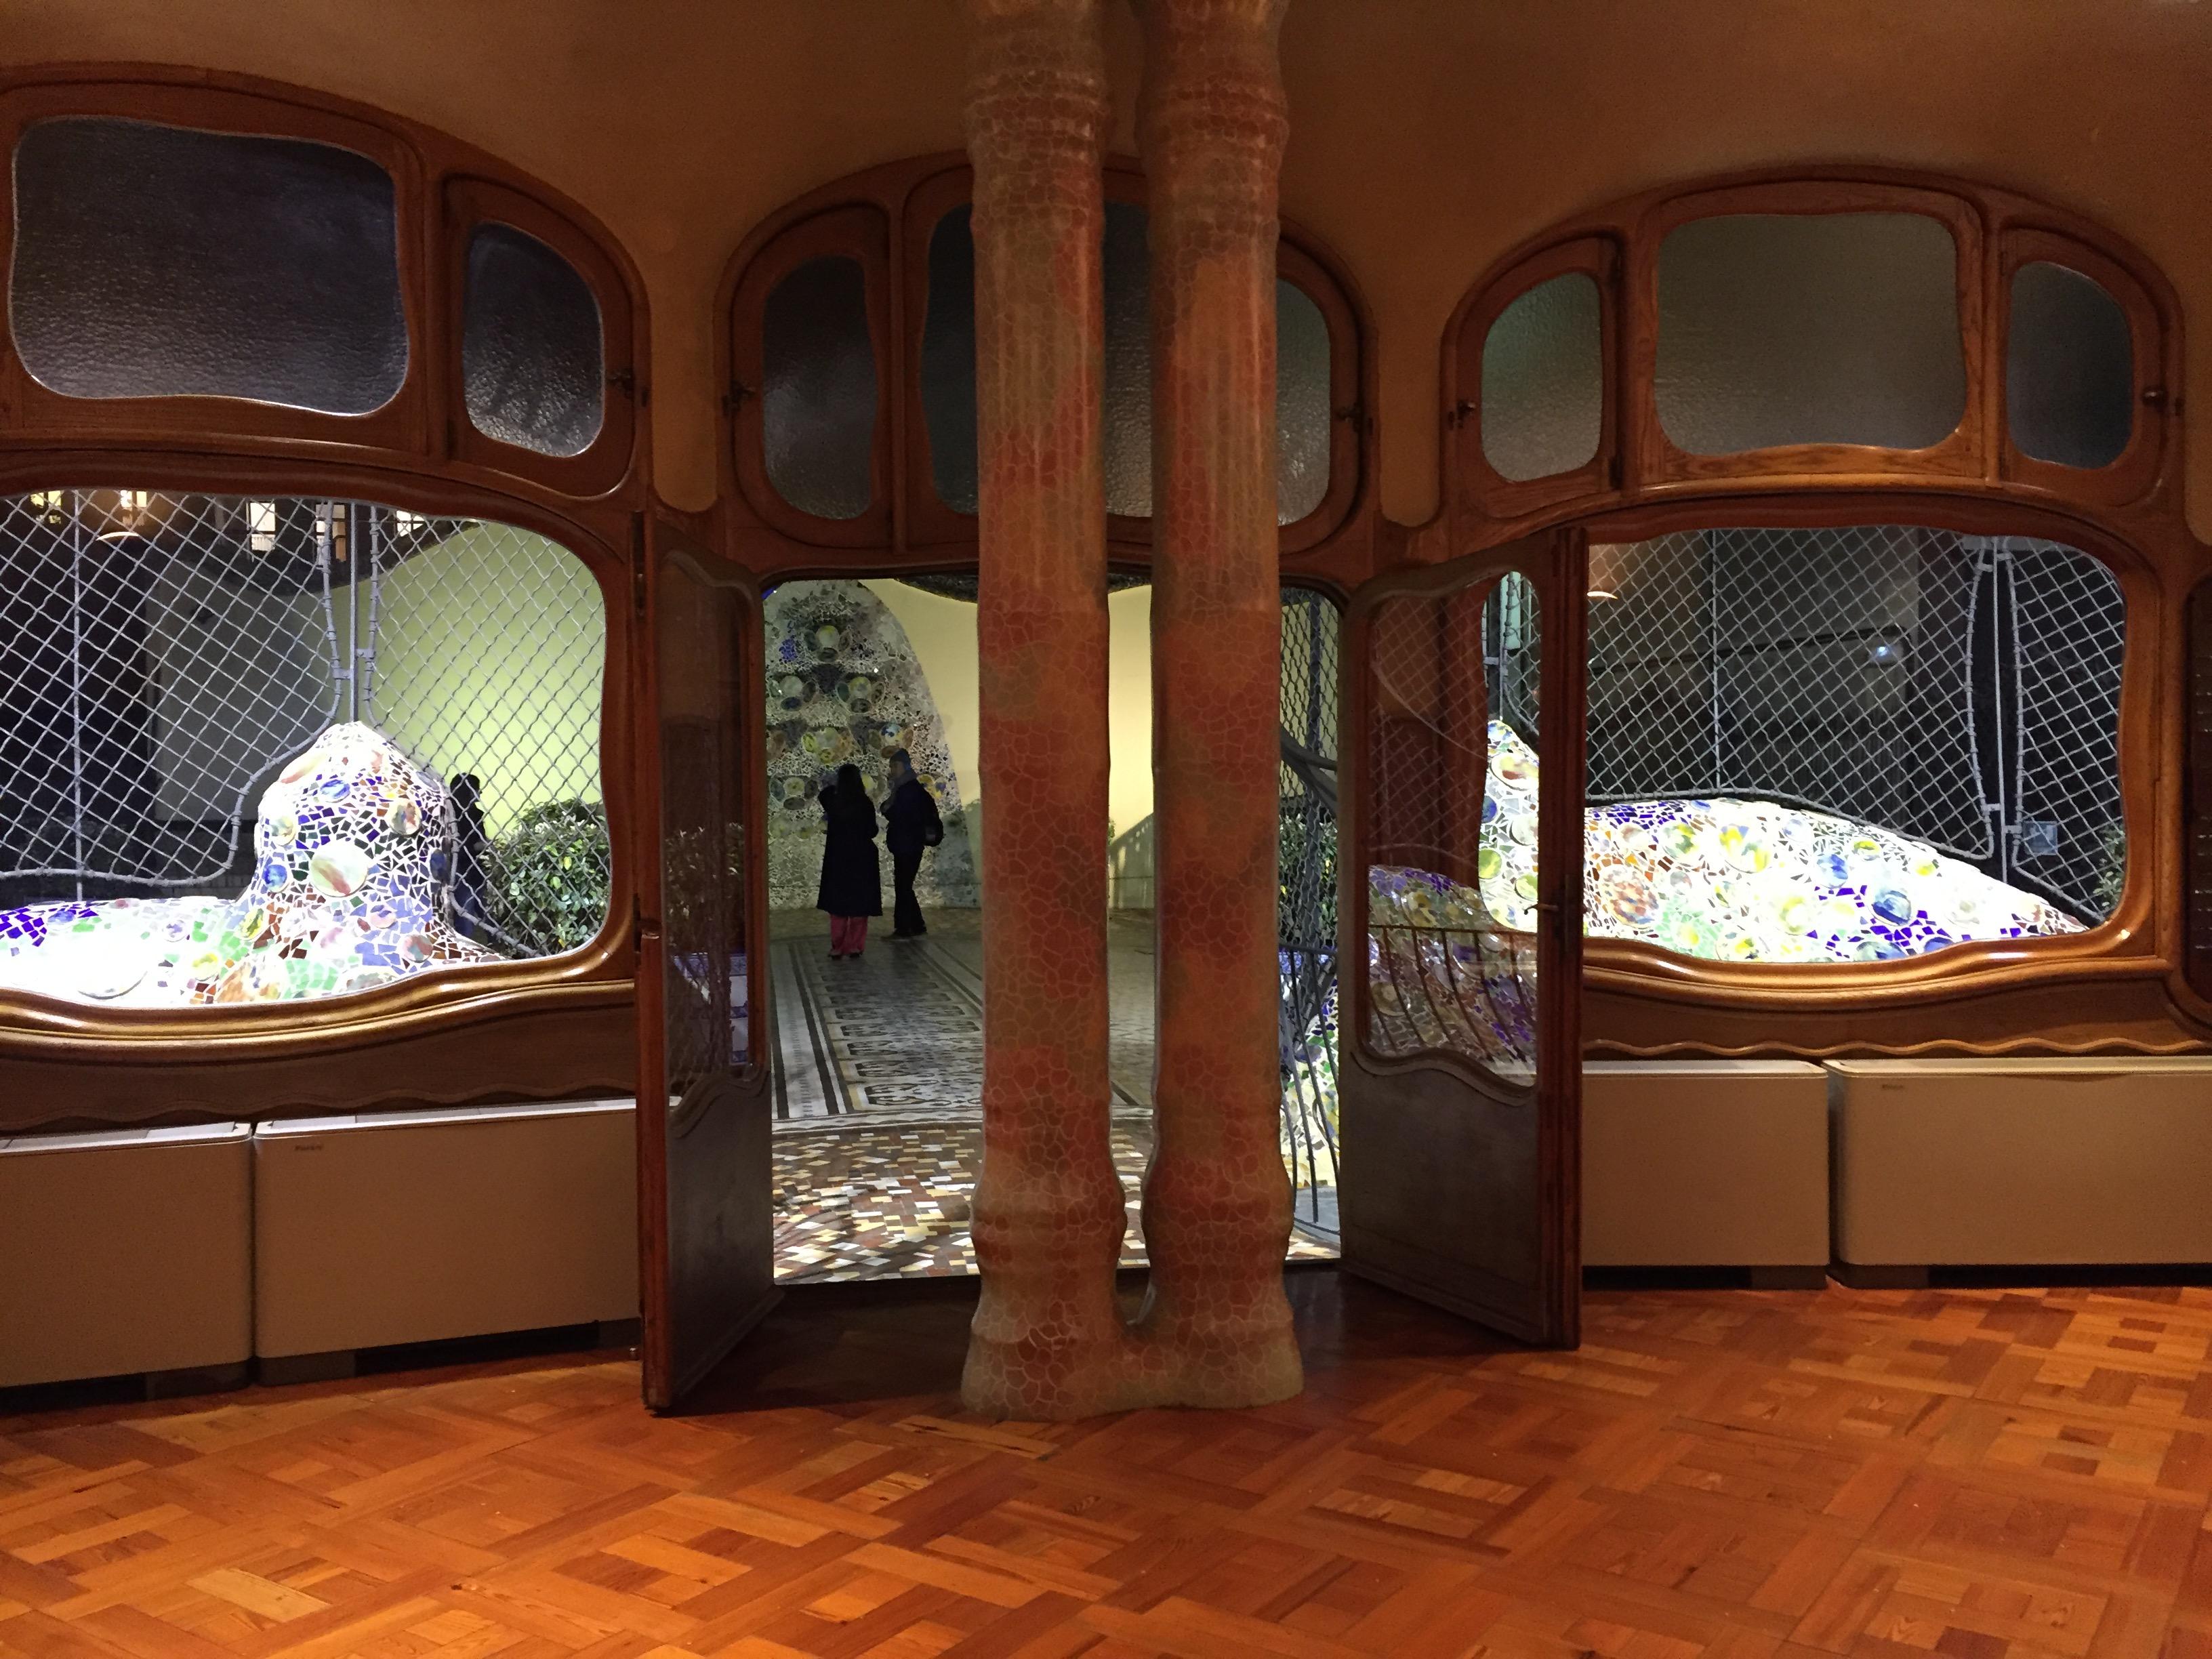 IMG 0859 - Visita a la Casa Batlló en Barcelona Parte II/II